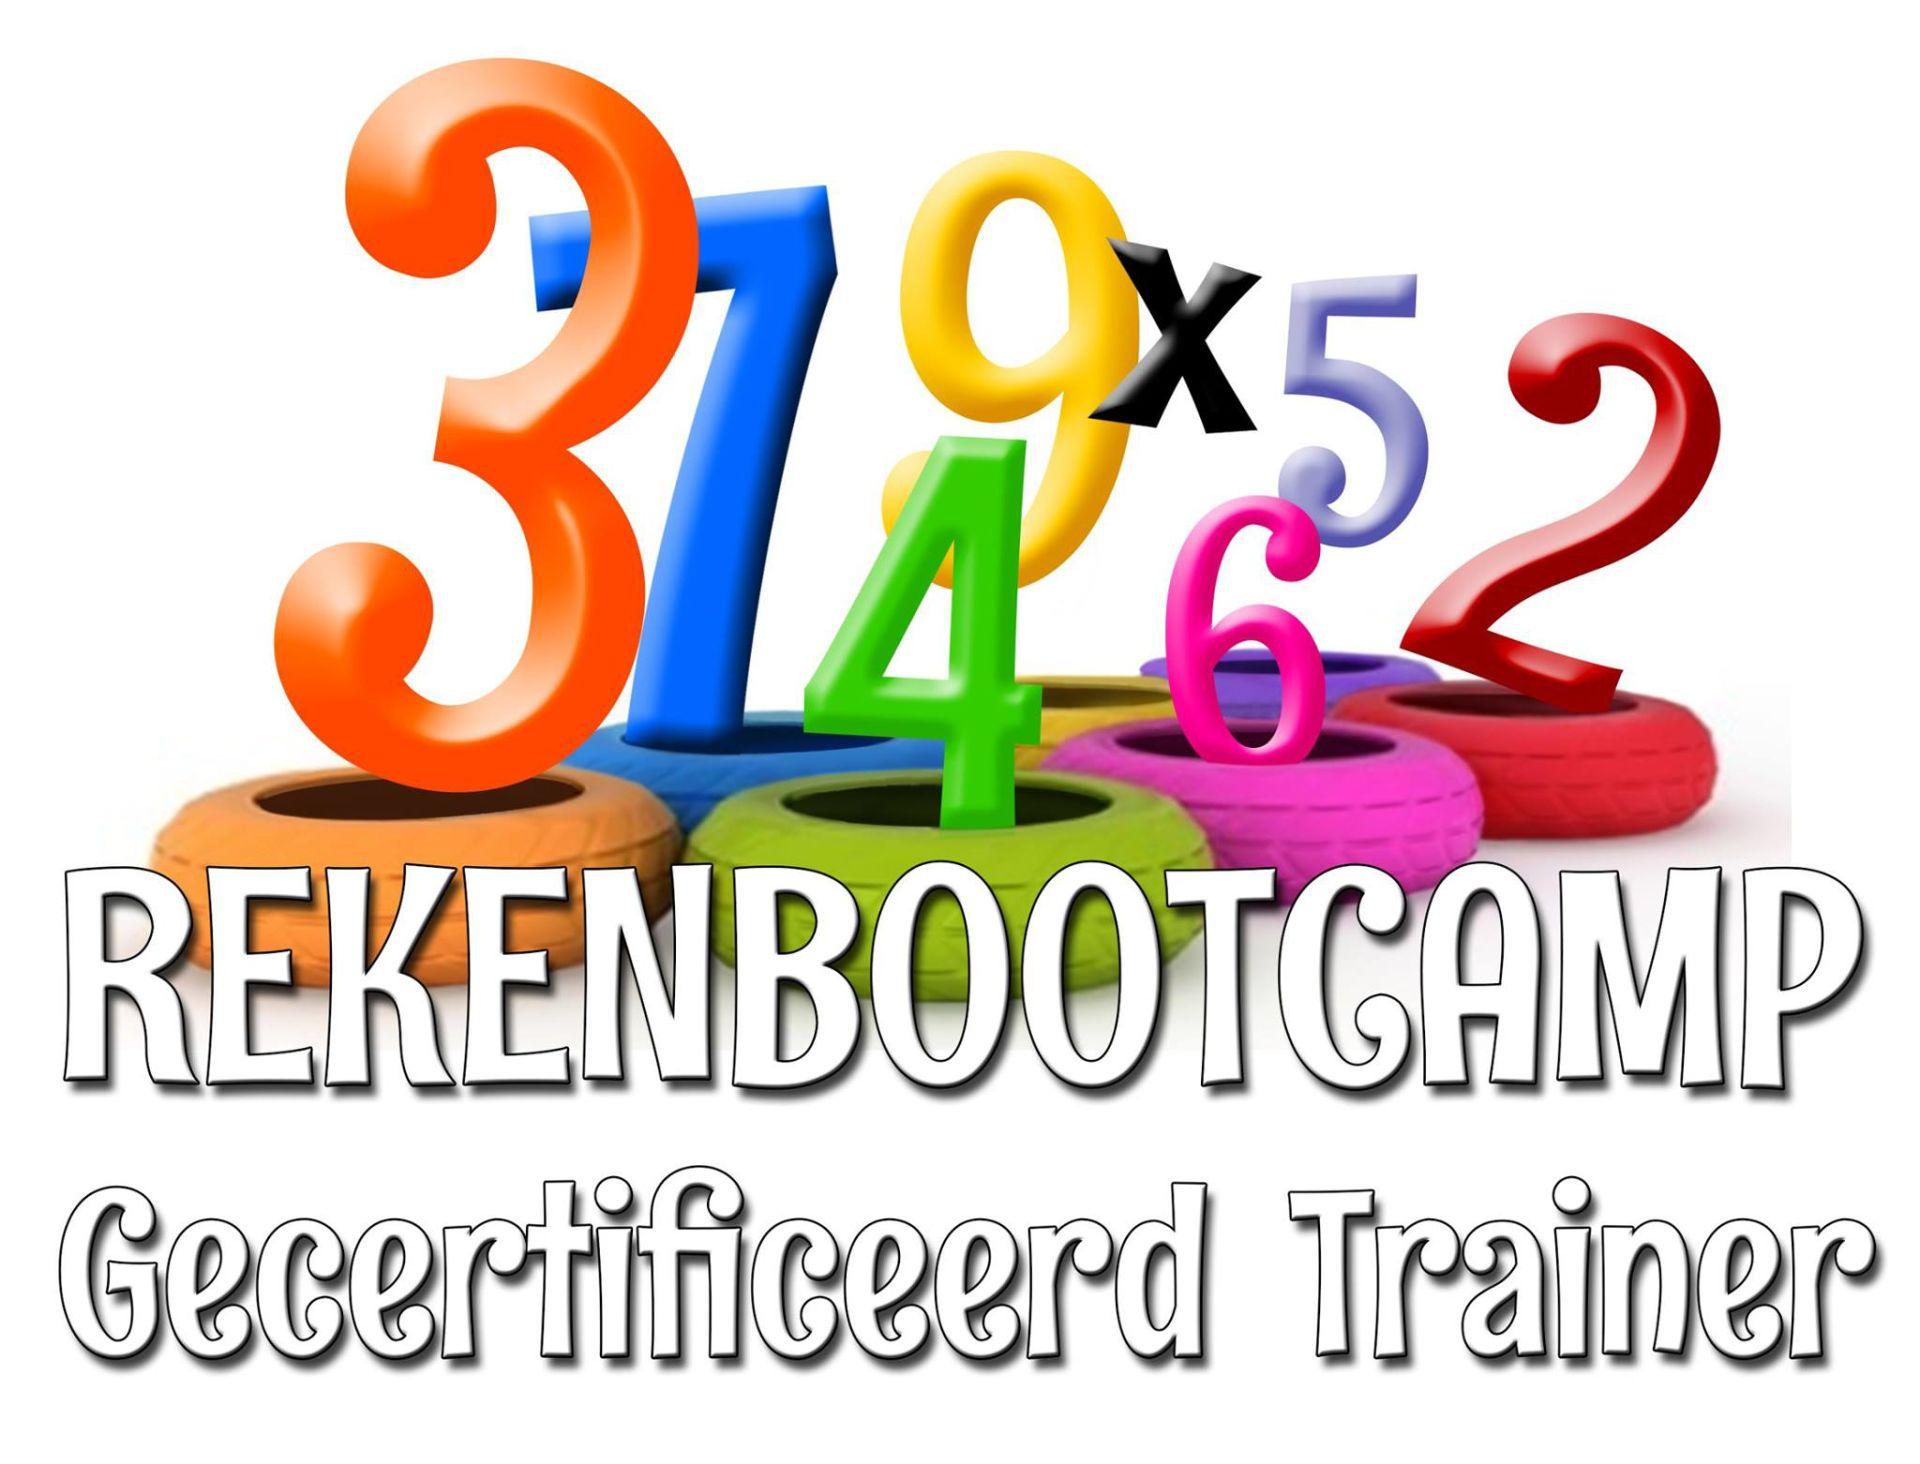 Juf Marjo | Rekenbootcamp